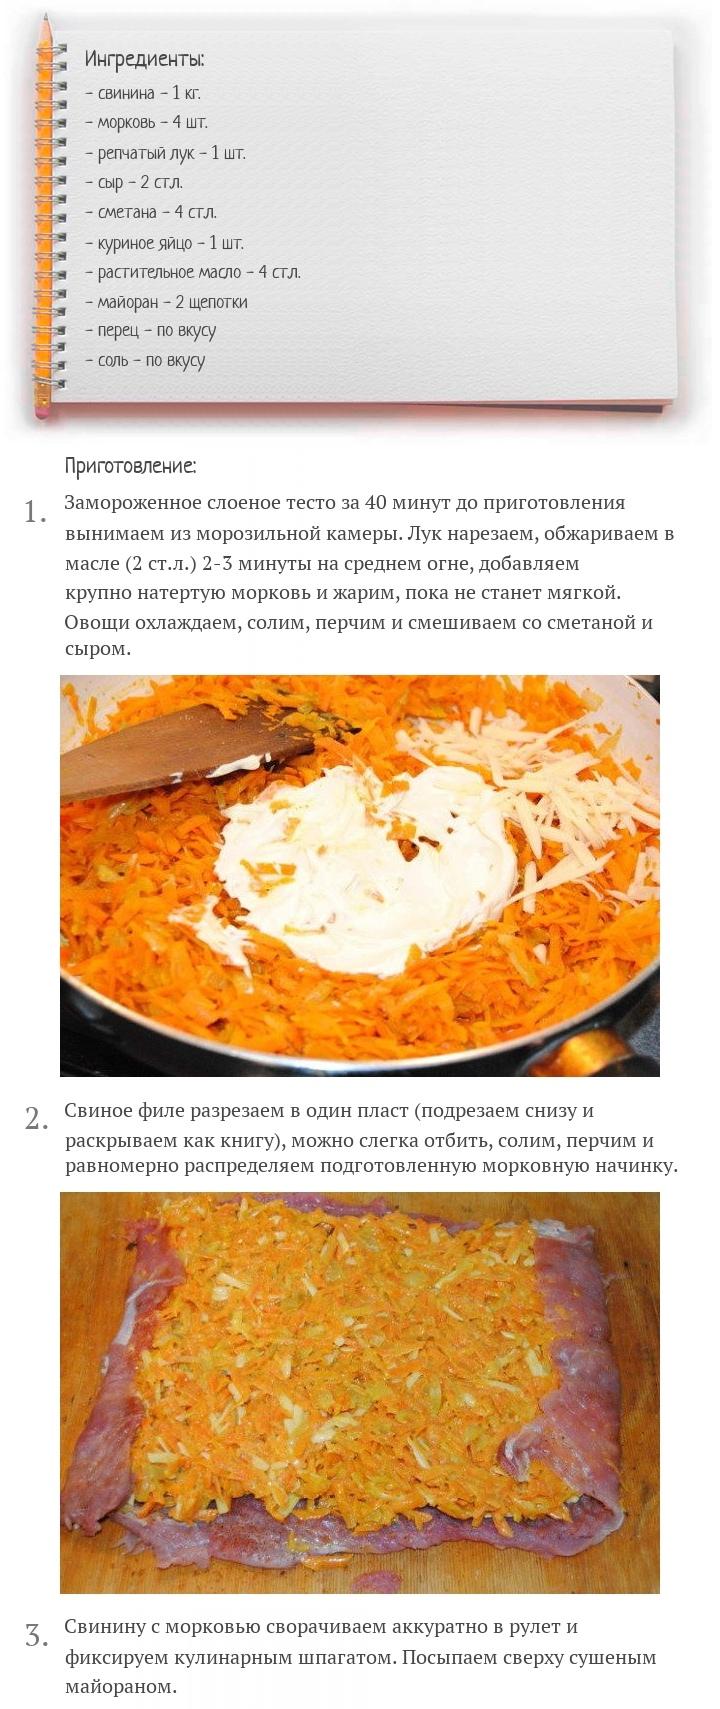 Рулет из свинины с морковью в тесте, изображение №2